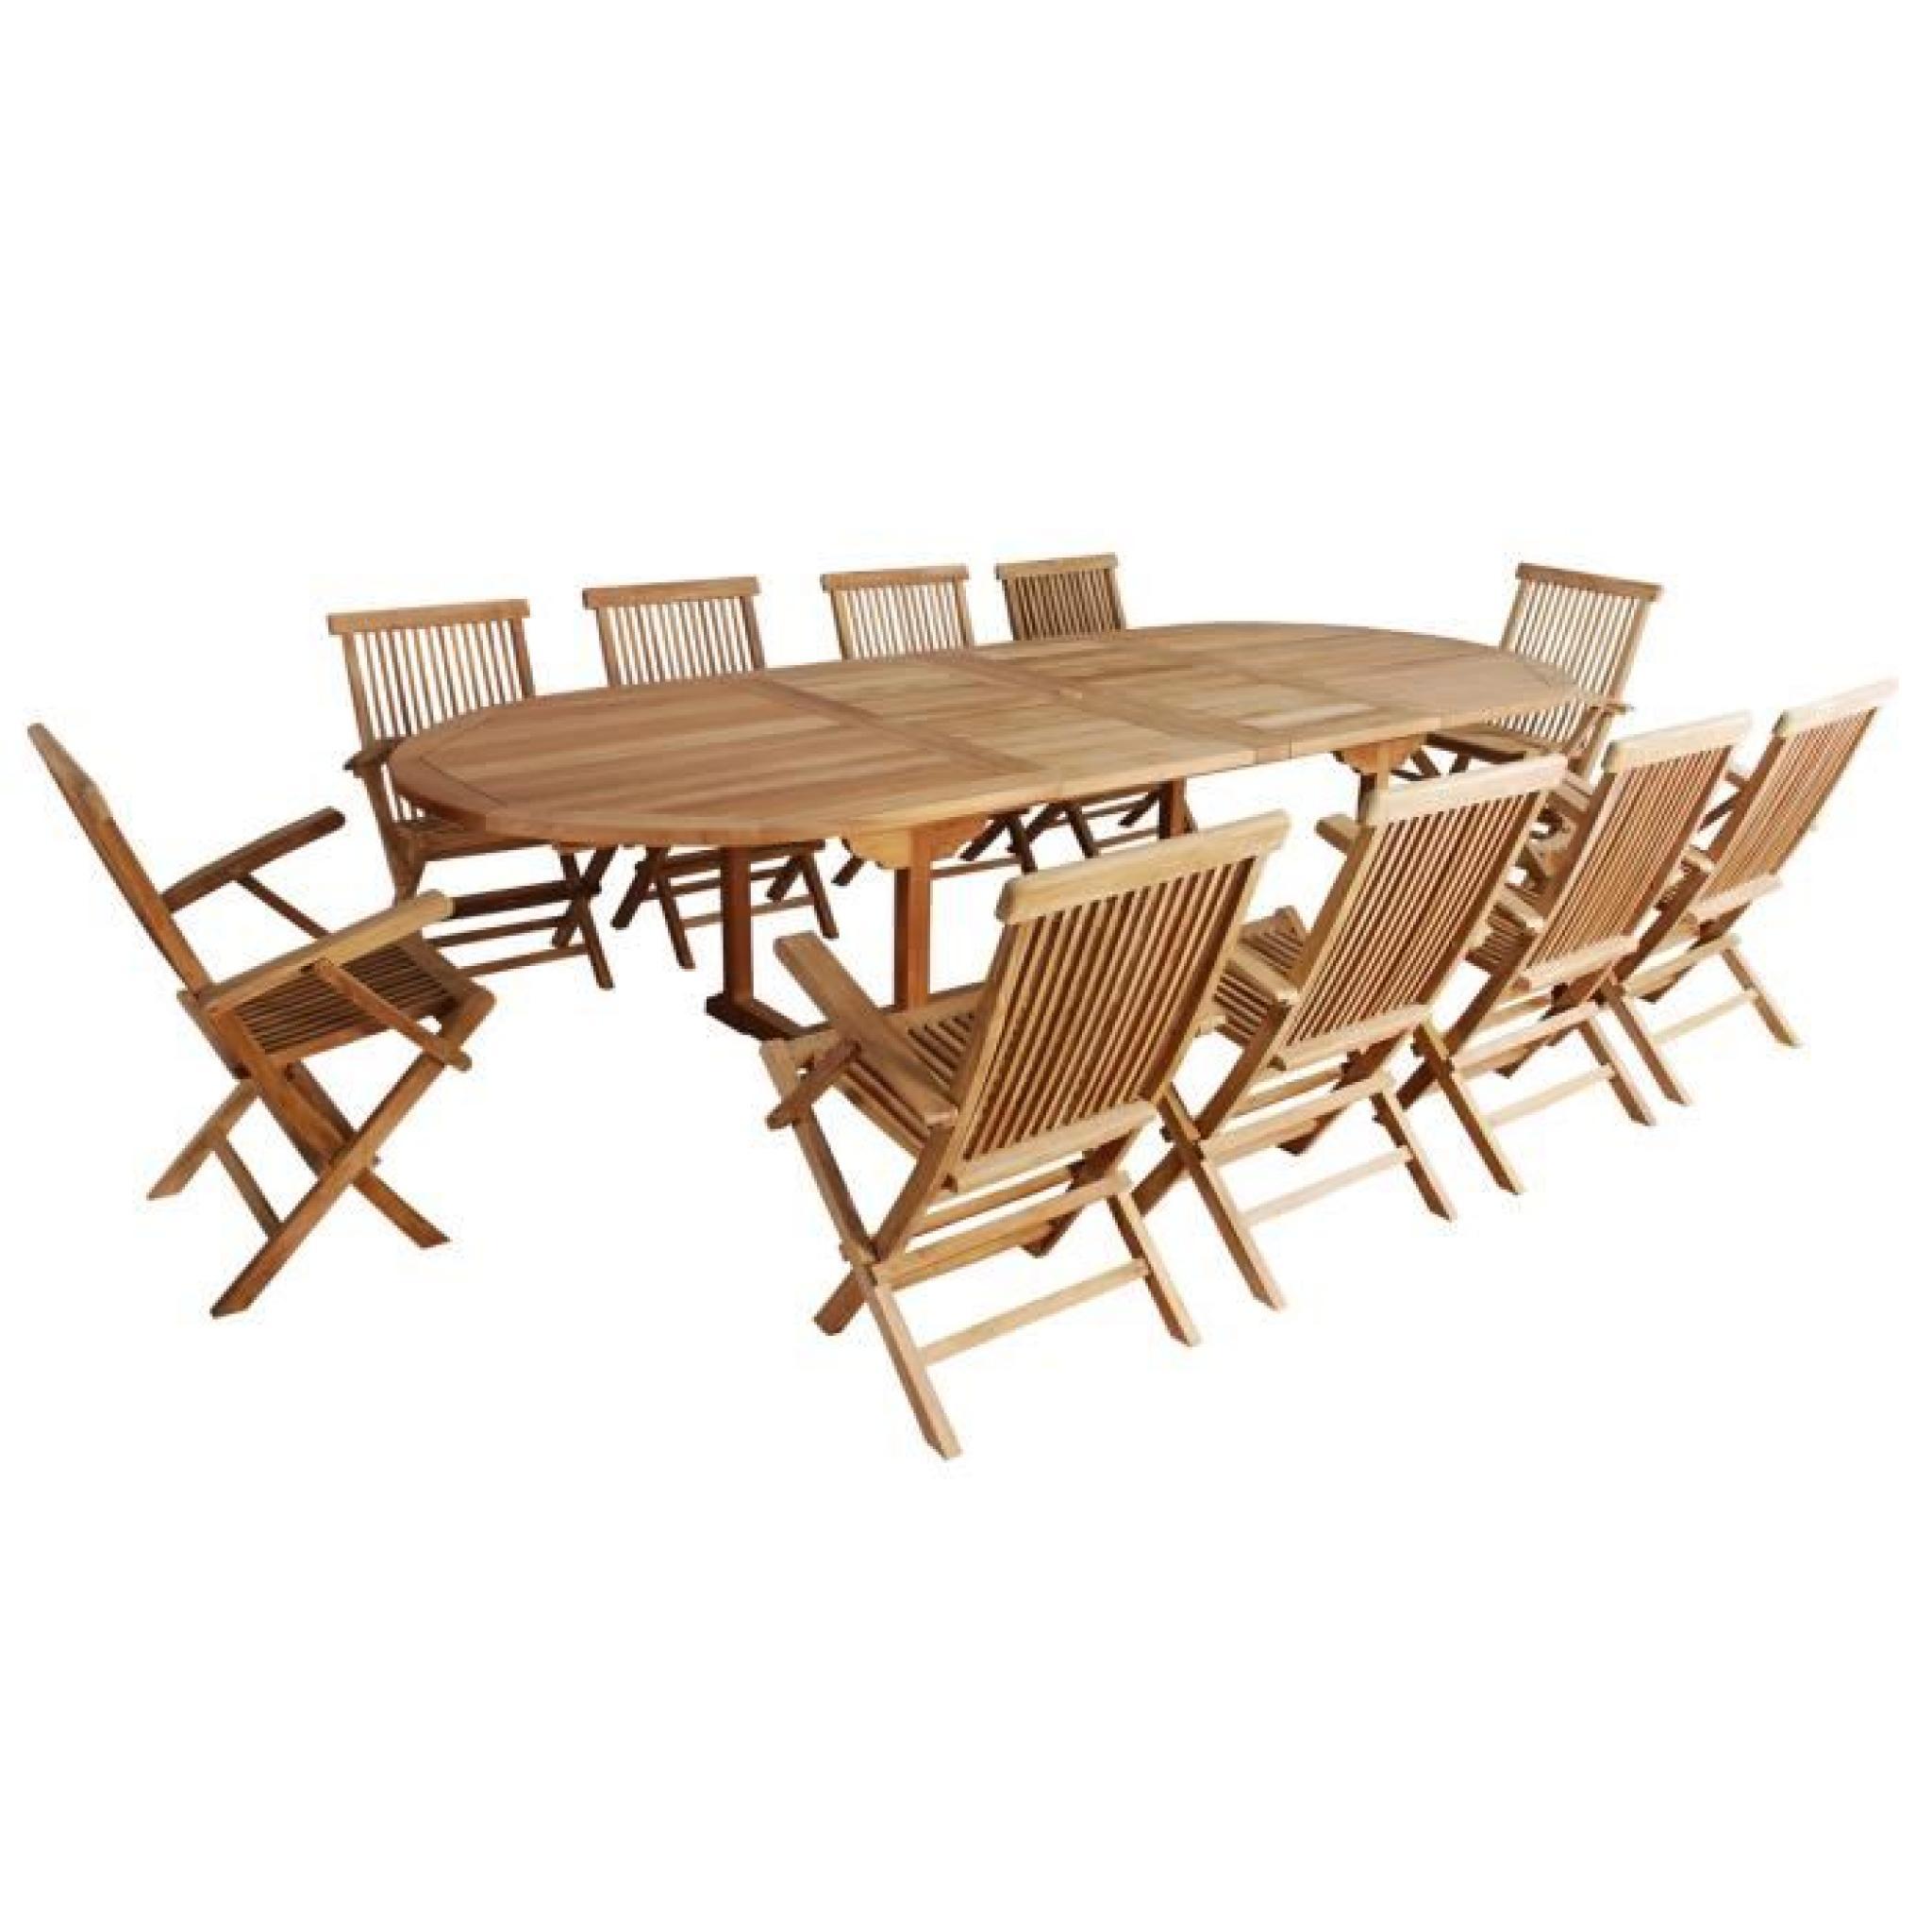 salon de jardin en teck brut qualite grade a 10 achat vente salon de jardin en bois pas cher. Black Bedroom Furniture Sets. Home Design Ideas